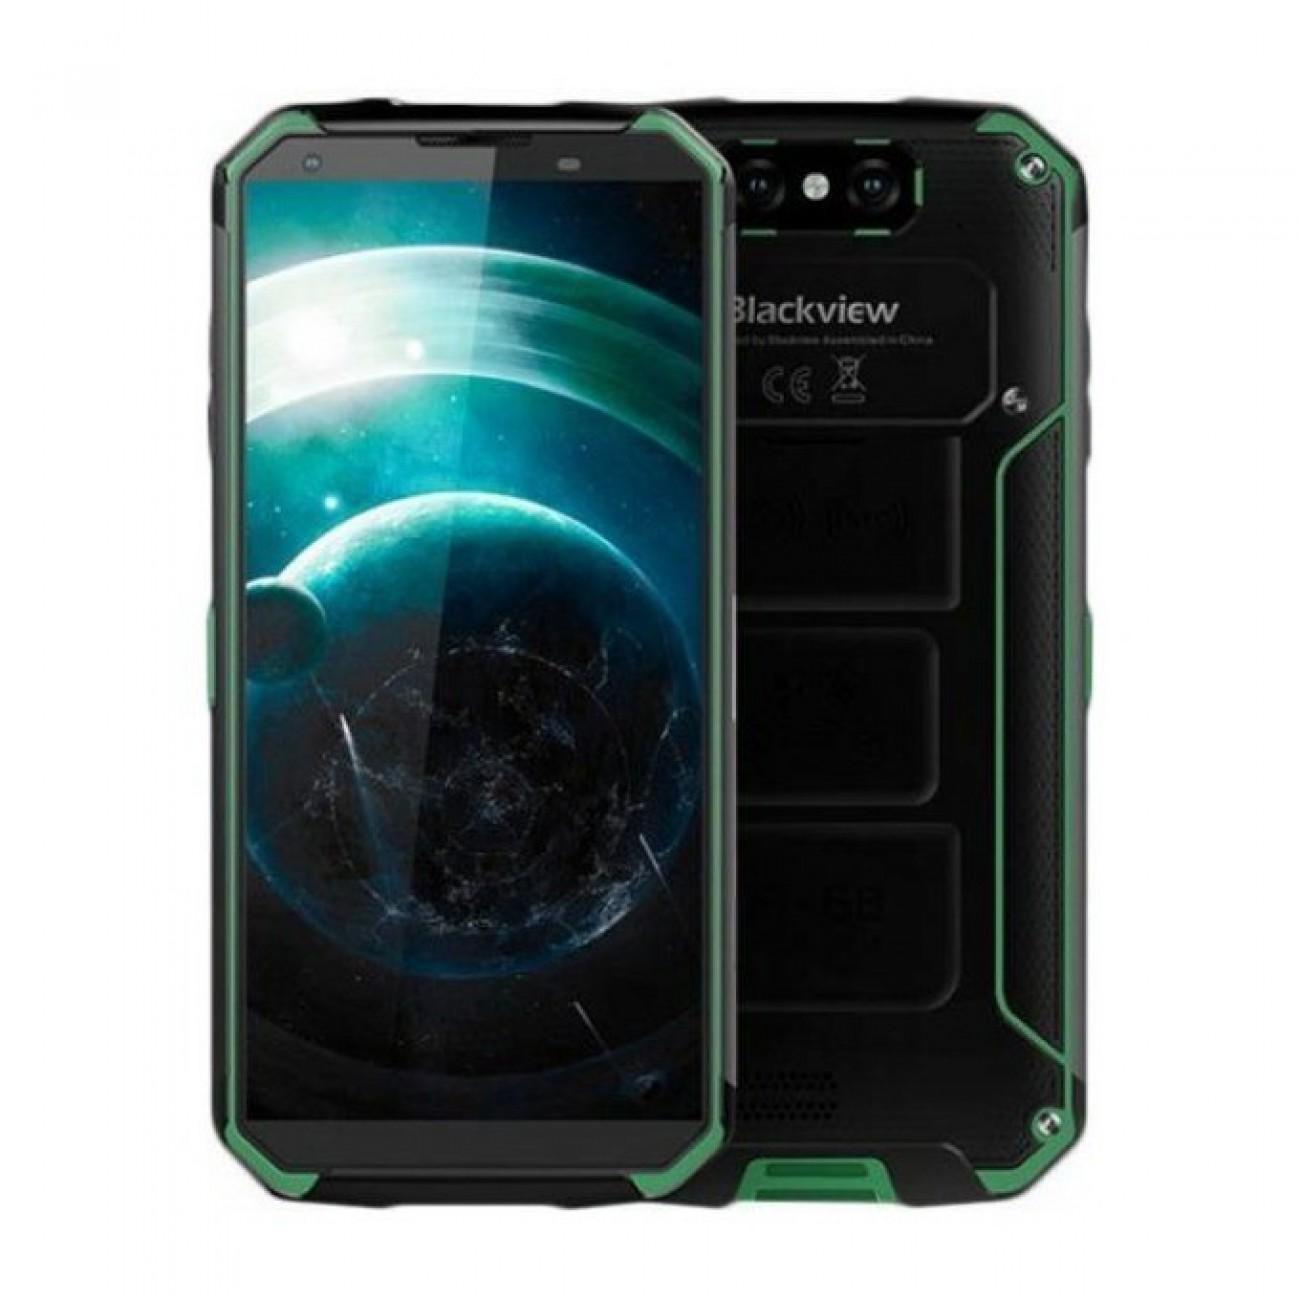 Какой смартфон лучше выбрать до 8 тысяч гривен? 5 лучших моделей